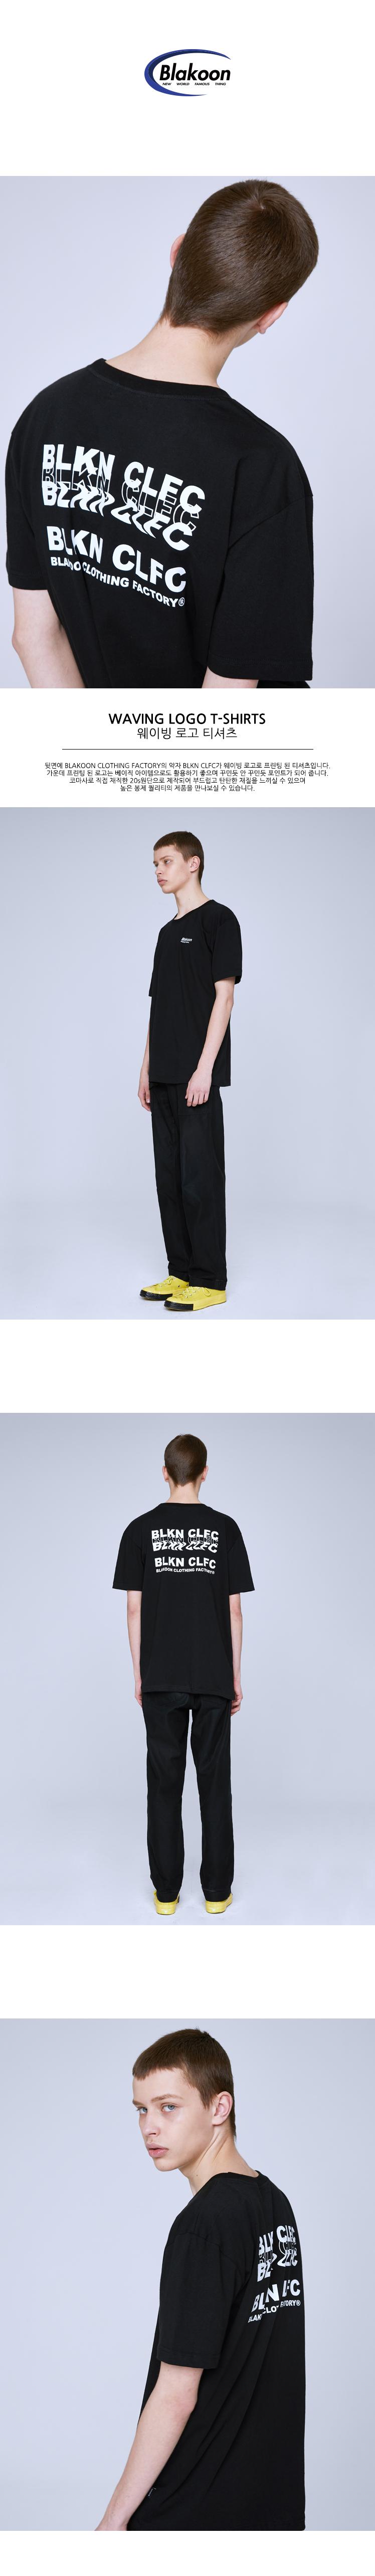 웨이빙-로고-티셔츠_1_01.jpg